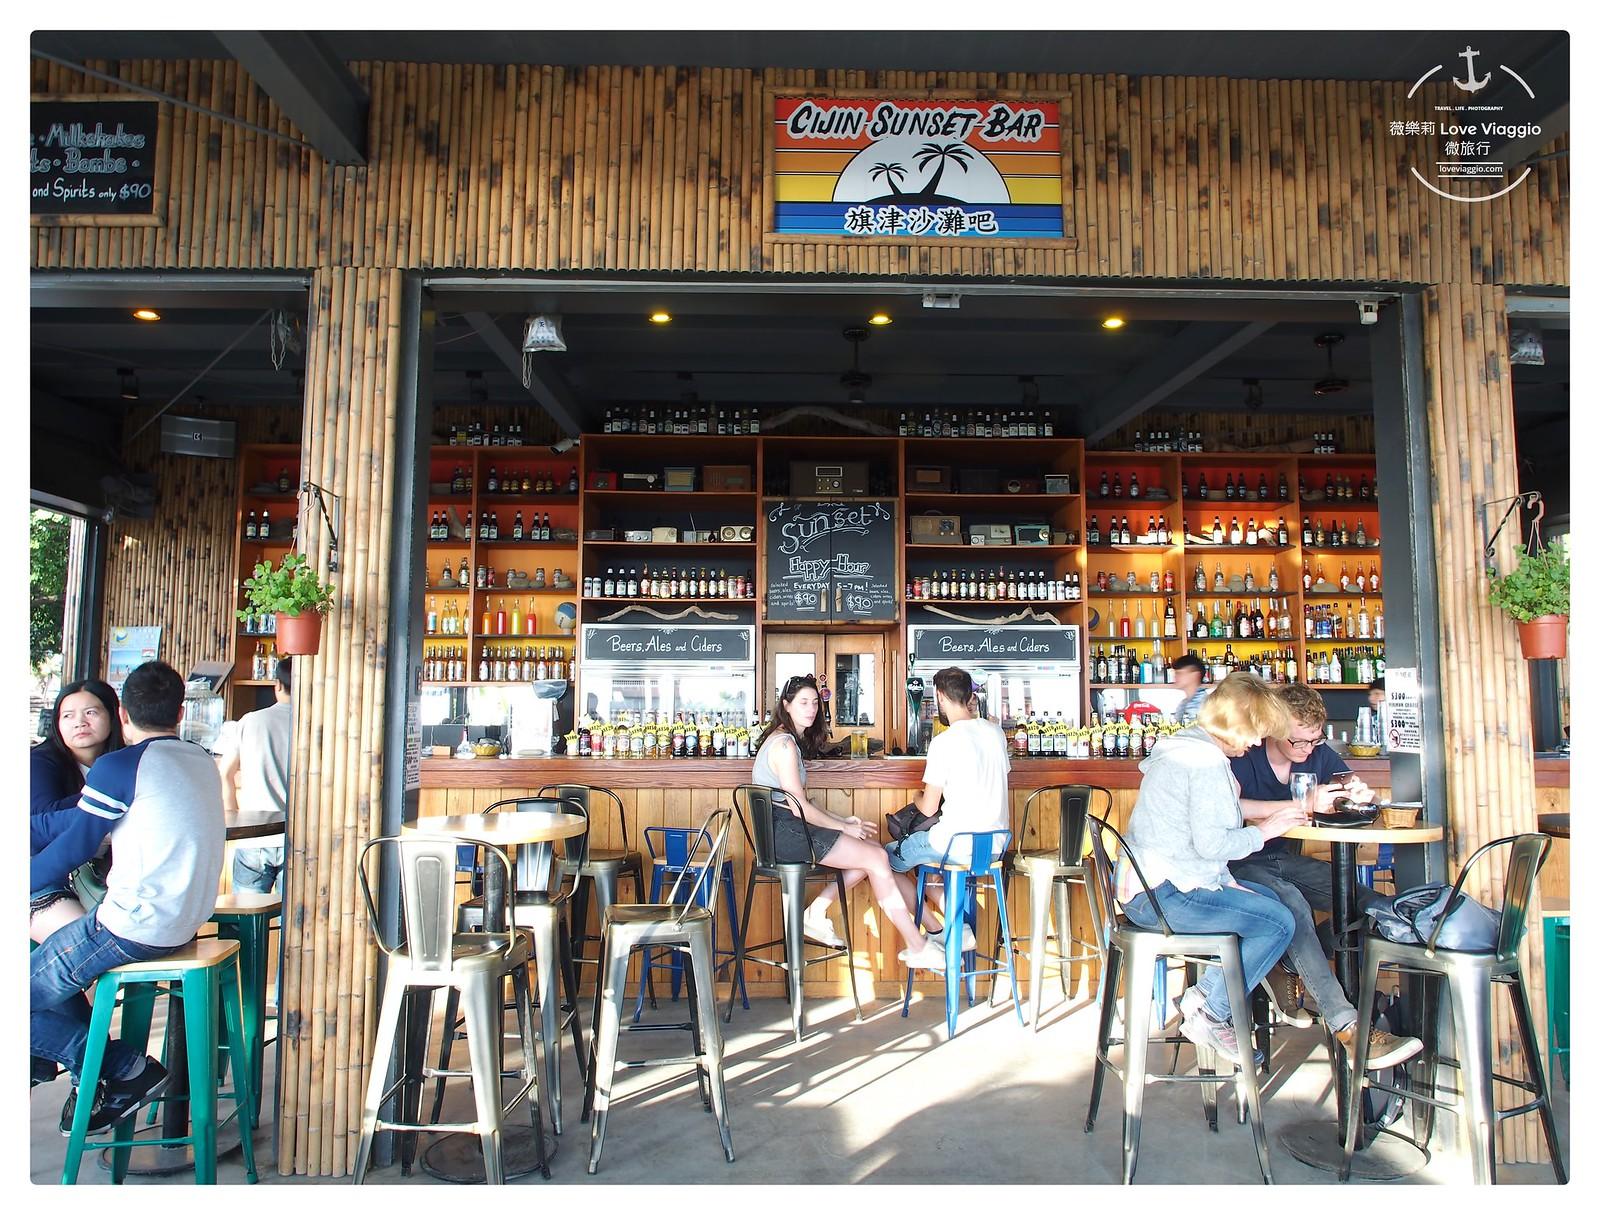 【高雄 Kaohsiung】旗津沙灘吧 夕陽沙灘椰子樹 濃濃南洋海島風 Cijin Sunset Bar @薇樂莉 Love Viaggio | 旅行.生活.攝影